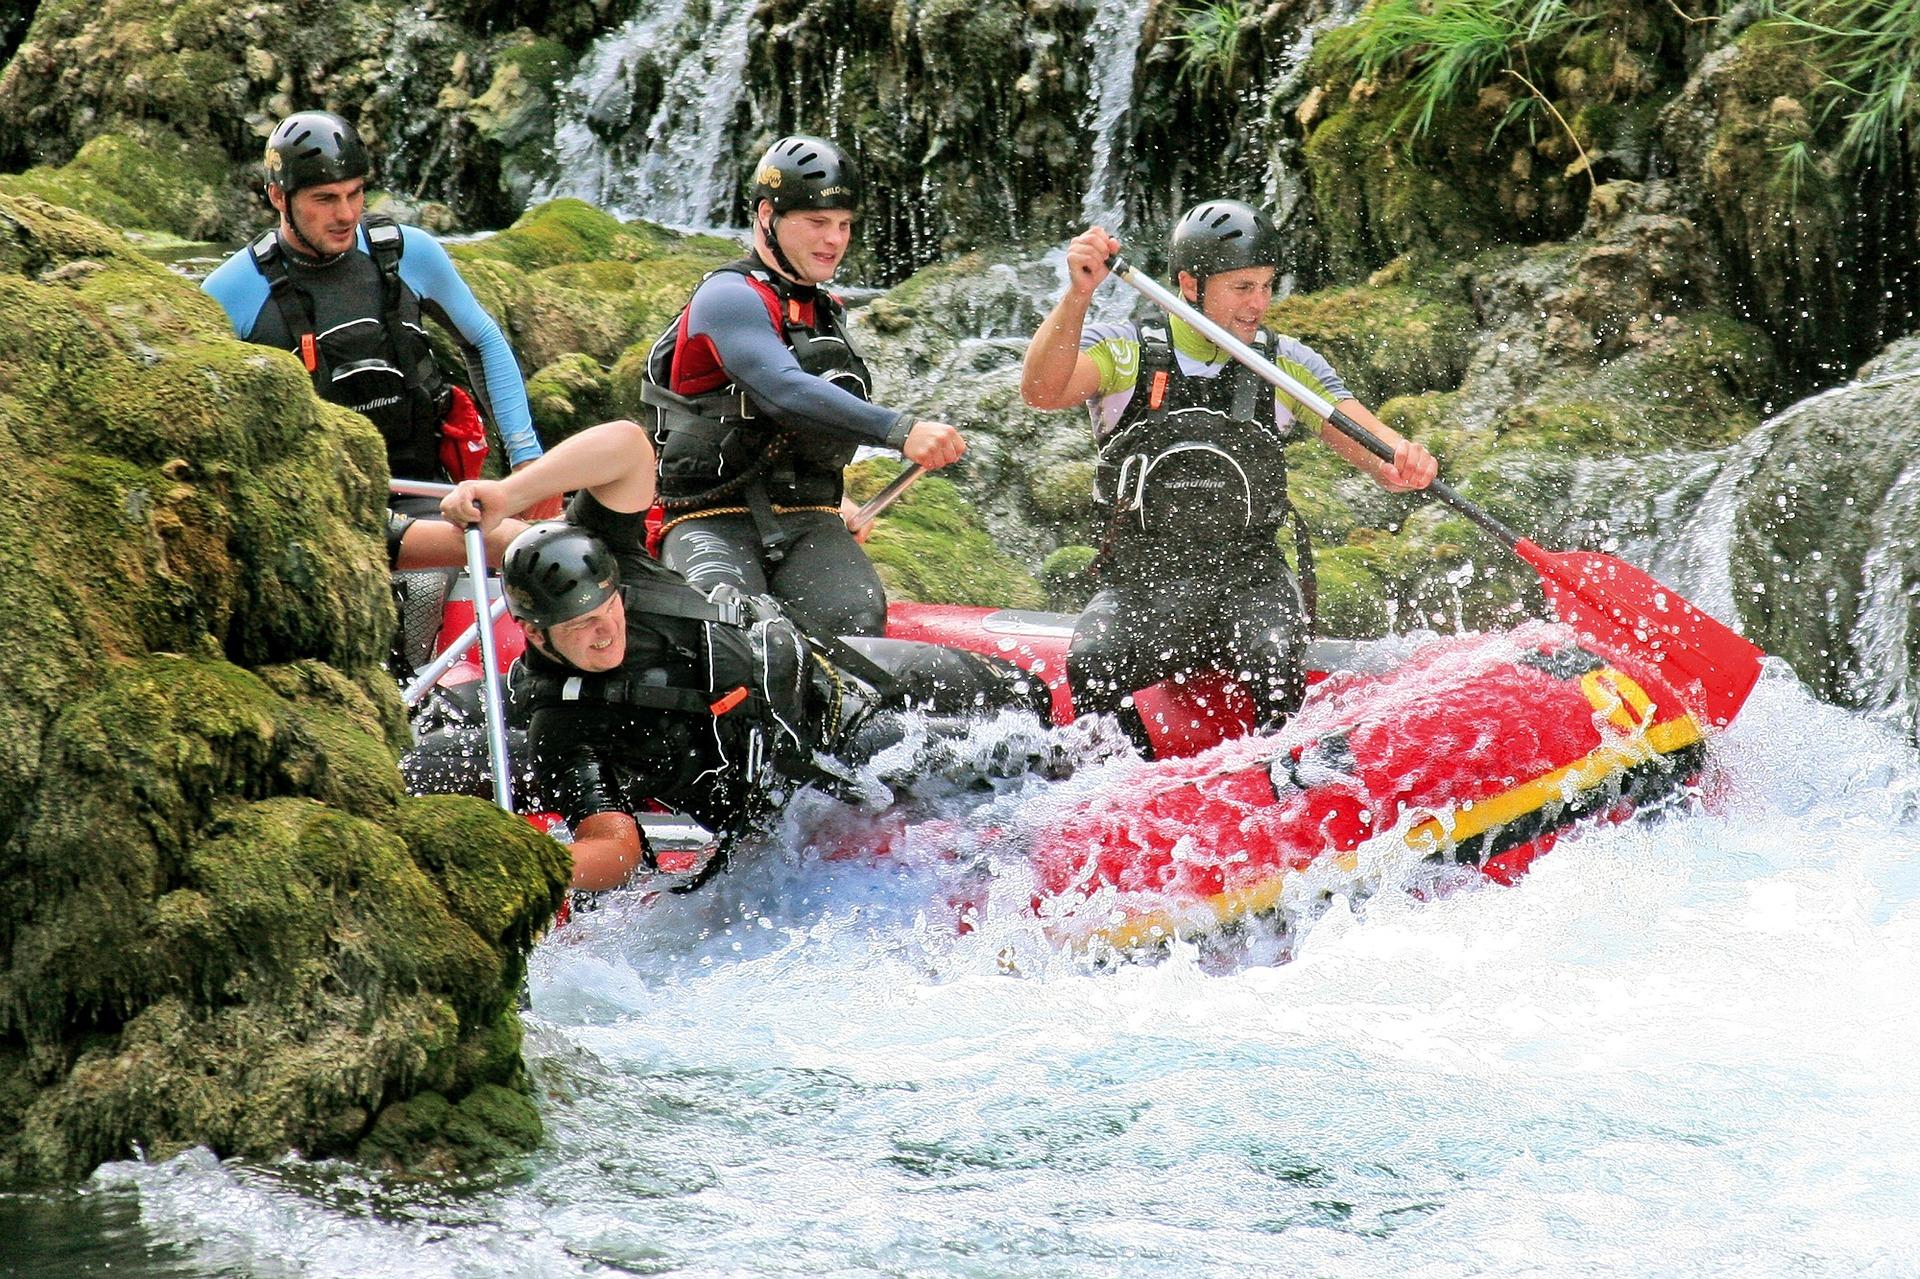 rafting-829053_1920.jpg